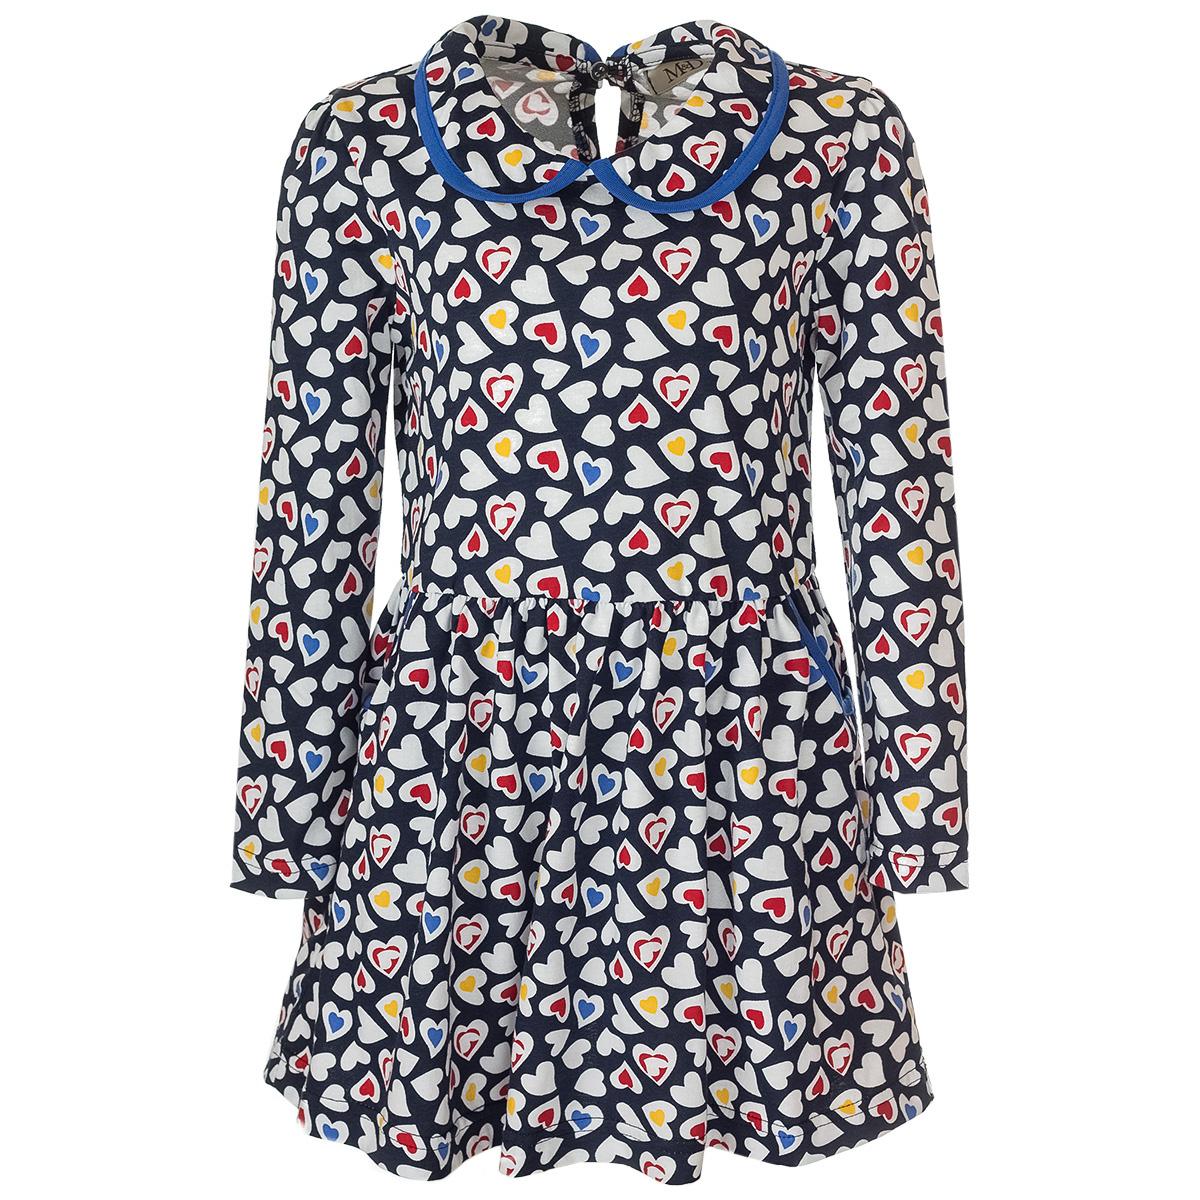 Платье для девочки M&D, цвет: темно-синий, белый, желтый, красный. WJD26044М-22. Размер 110WJD26044М-22Платье для девочки выполнено из натурального хлопка, застегивается на спинке при помощи пуговицы. Модель с отложным воротником и длинными рукавами дополнена двумя втачными карманами.